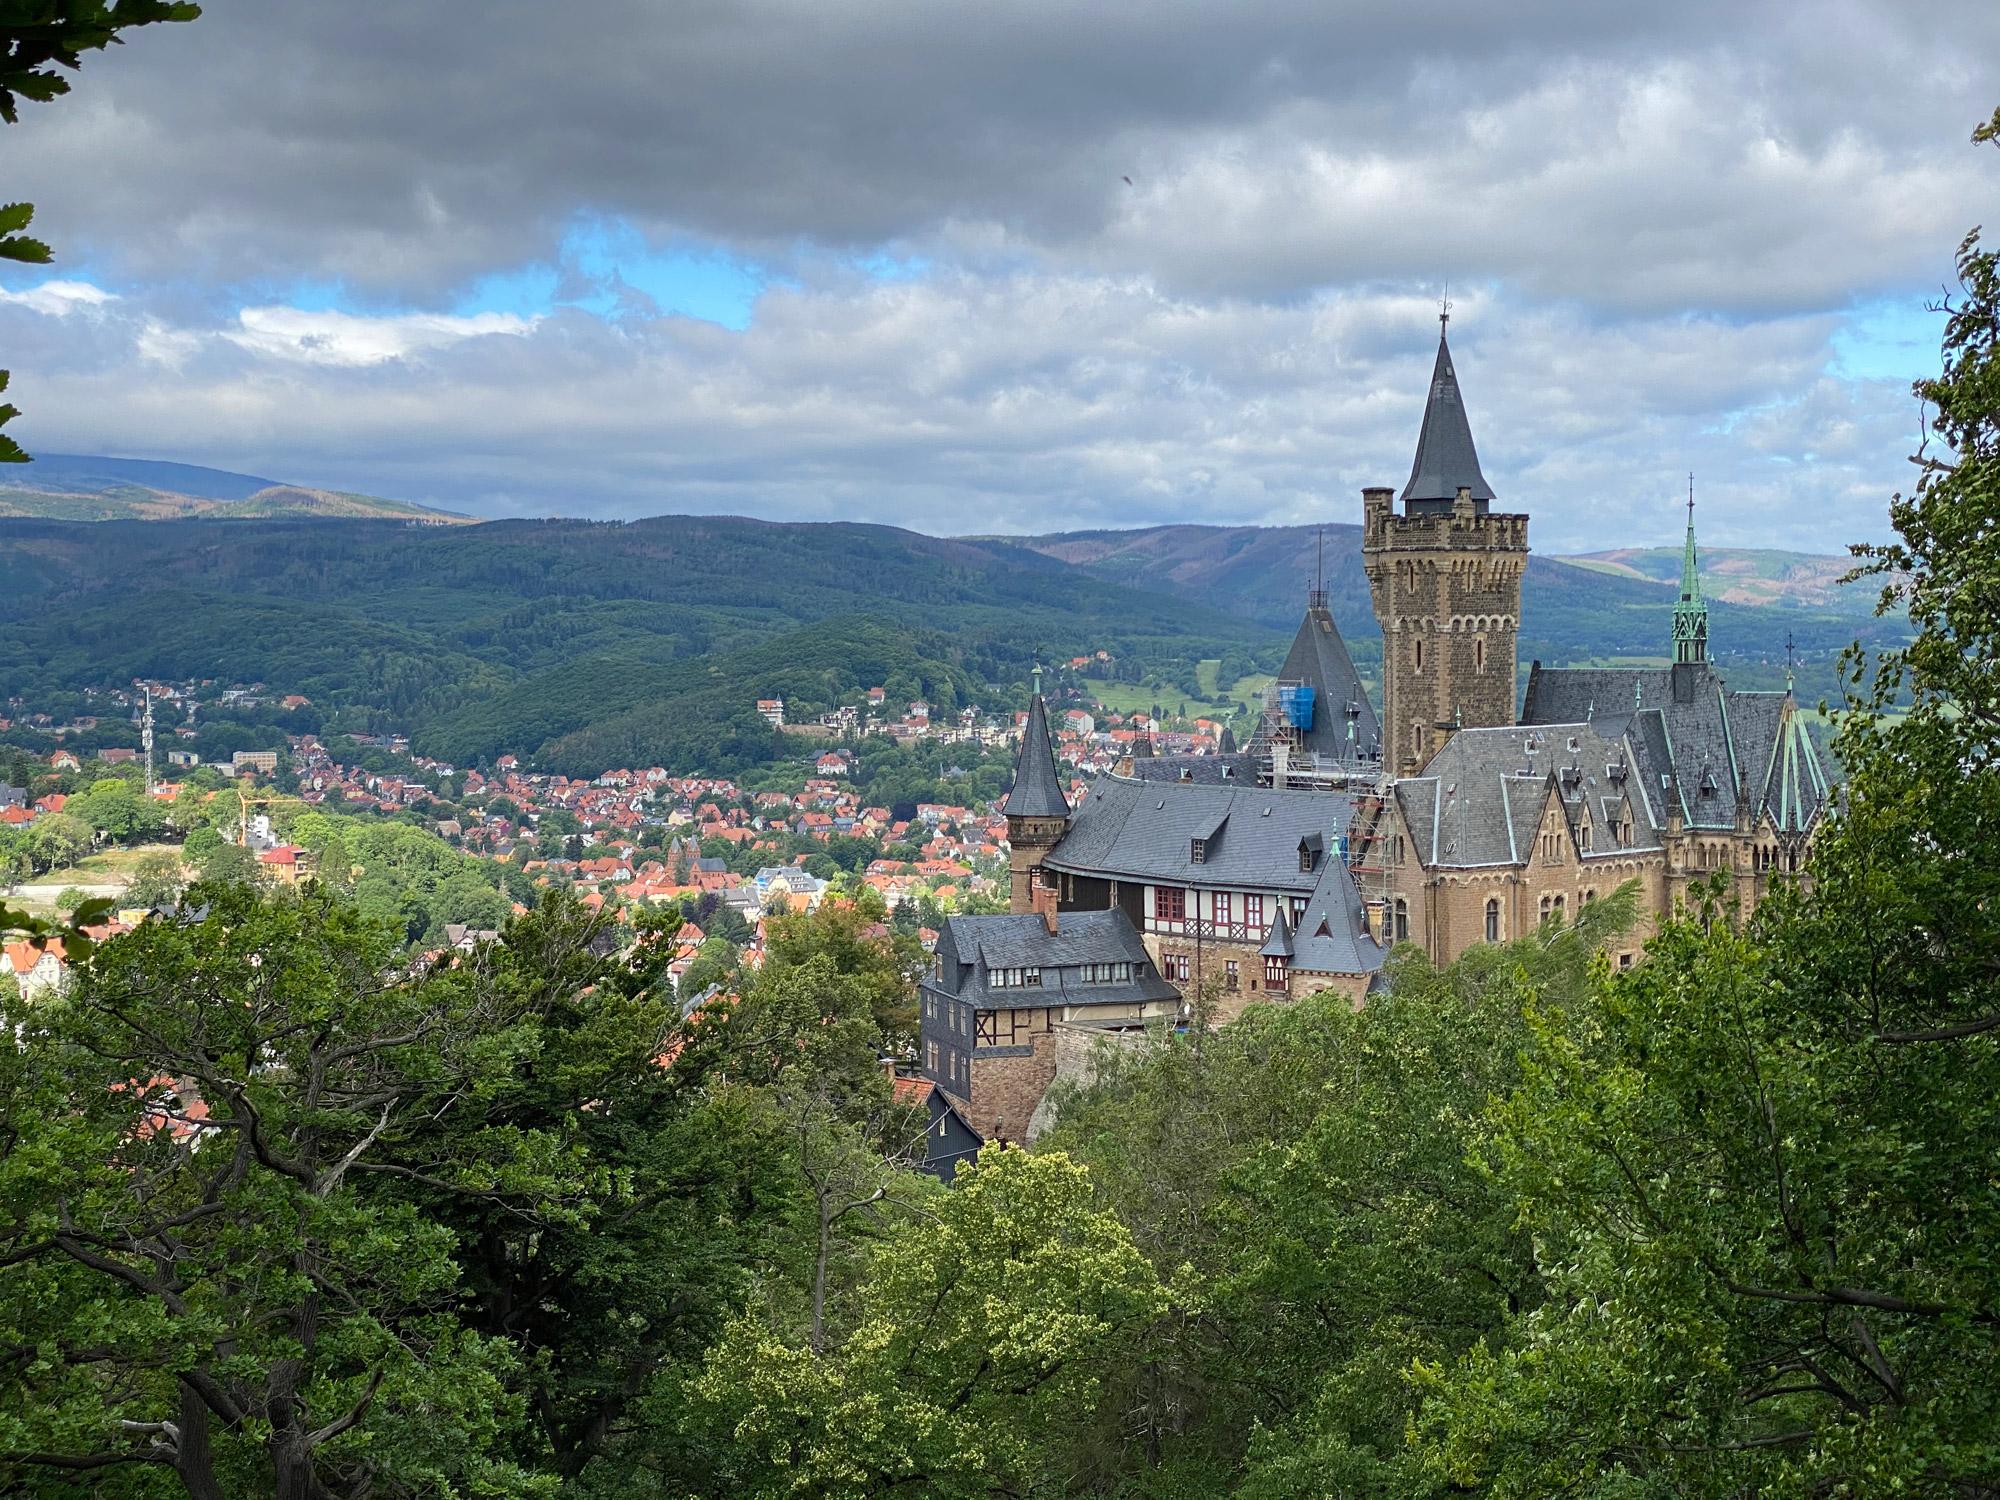 Tsjechië reis - dag 2 - Wernigerode